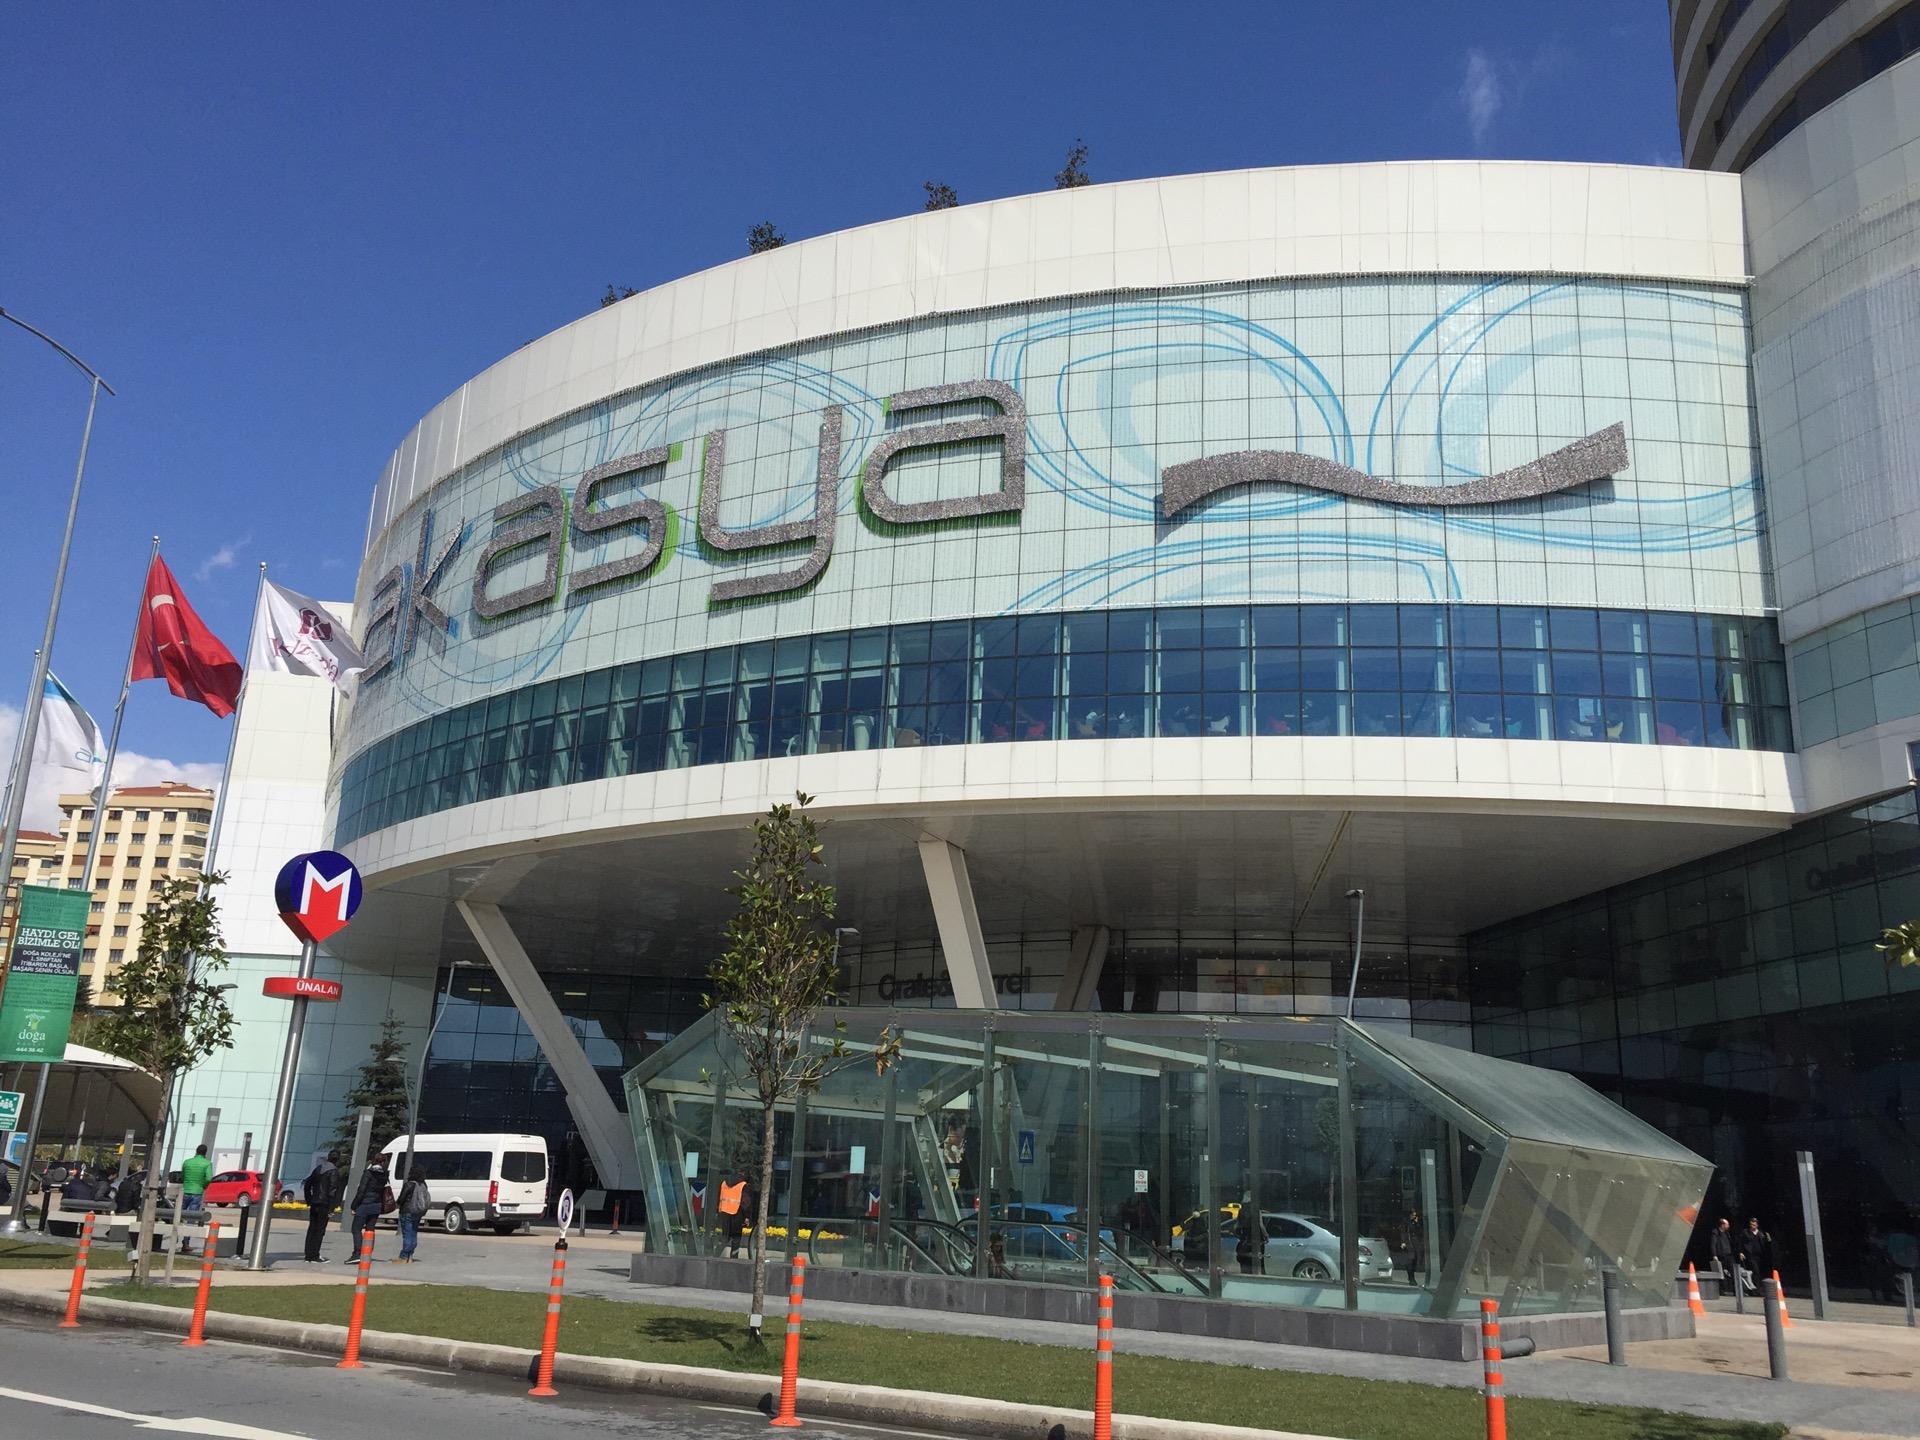 ТЦ Akasya в Стамбуле